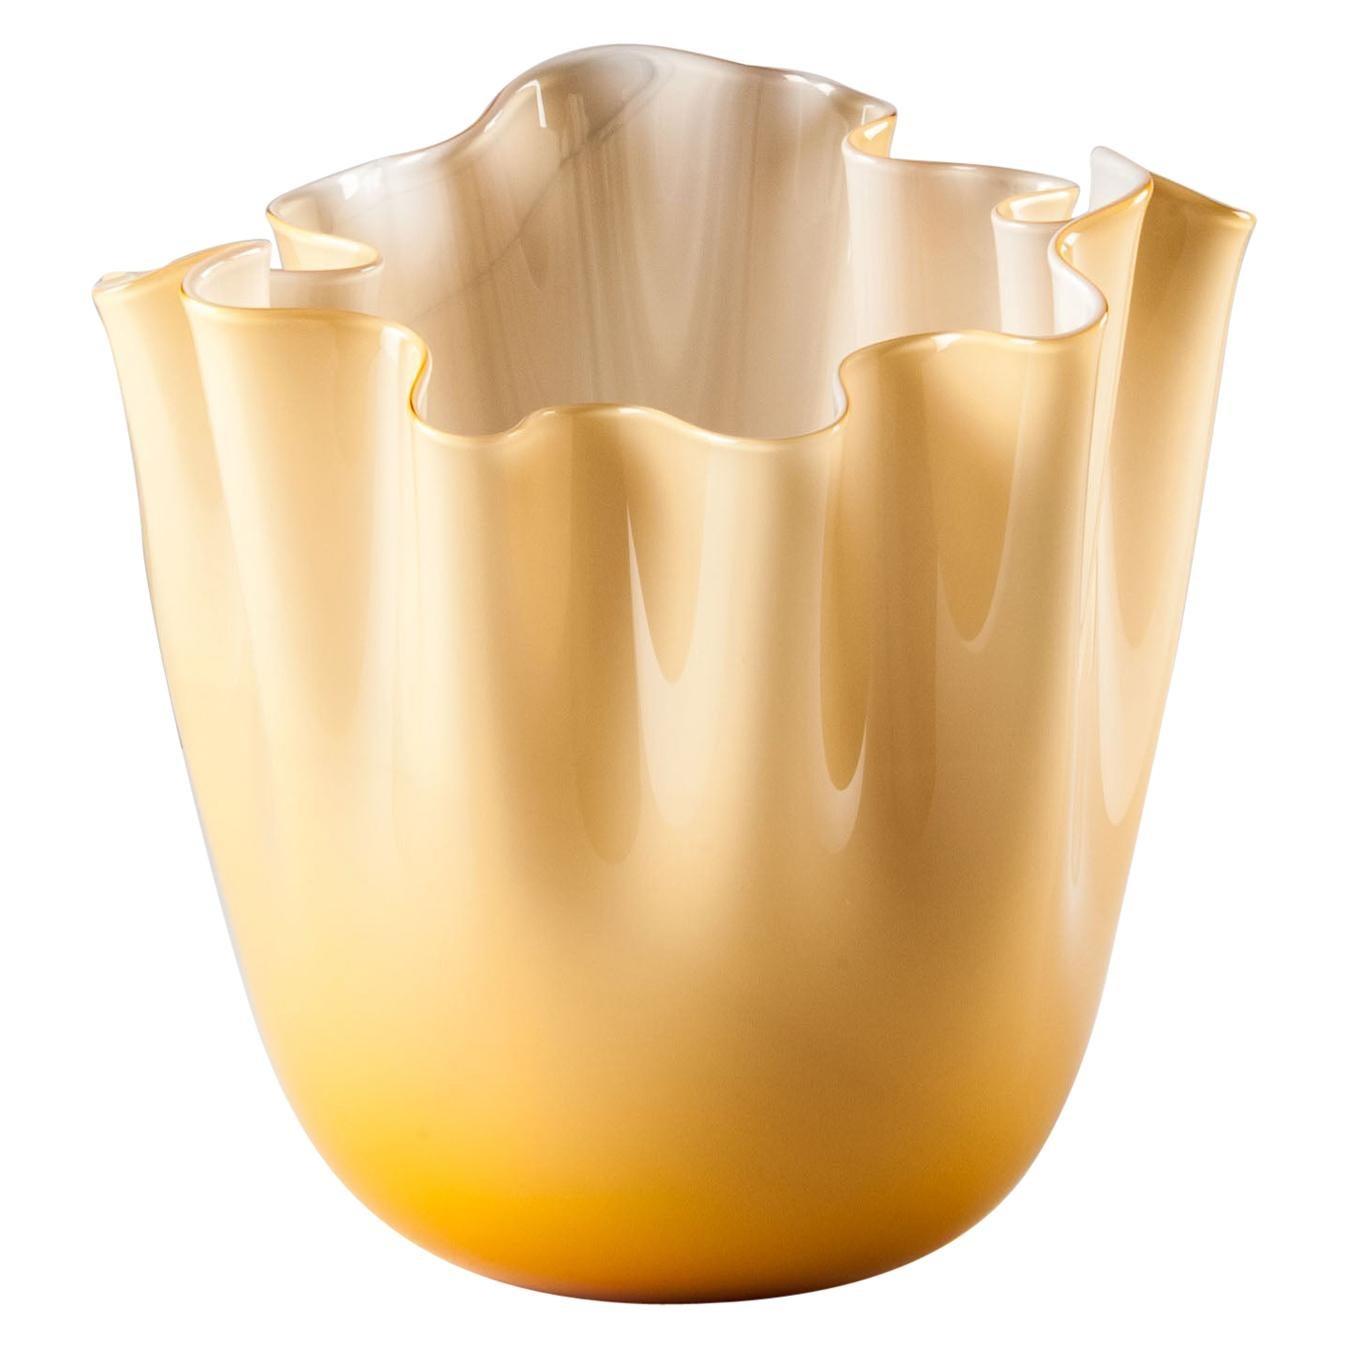 Venini Fazzoletto Opalino Medium Vase in Amber Murano Glass